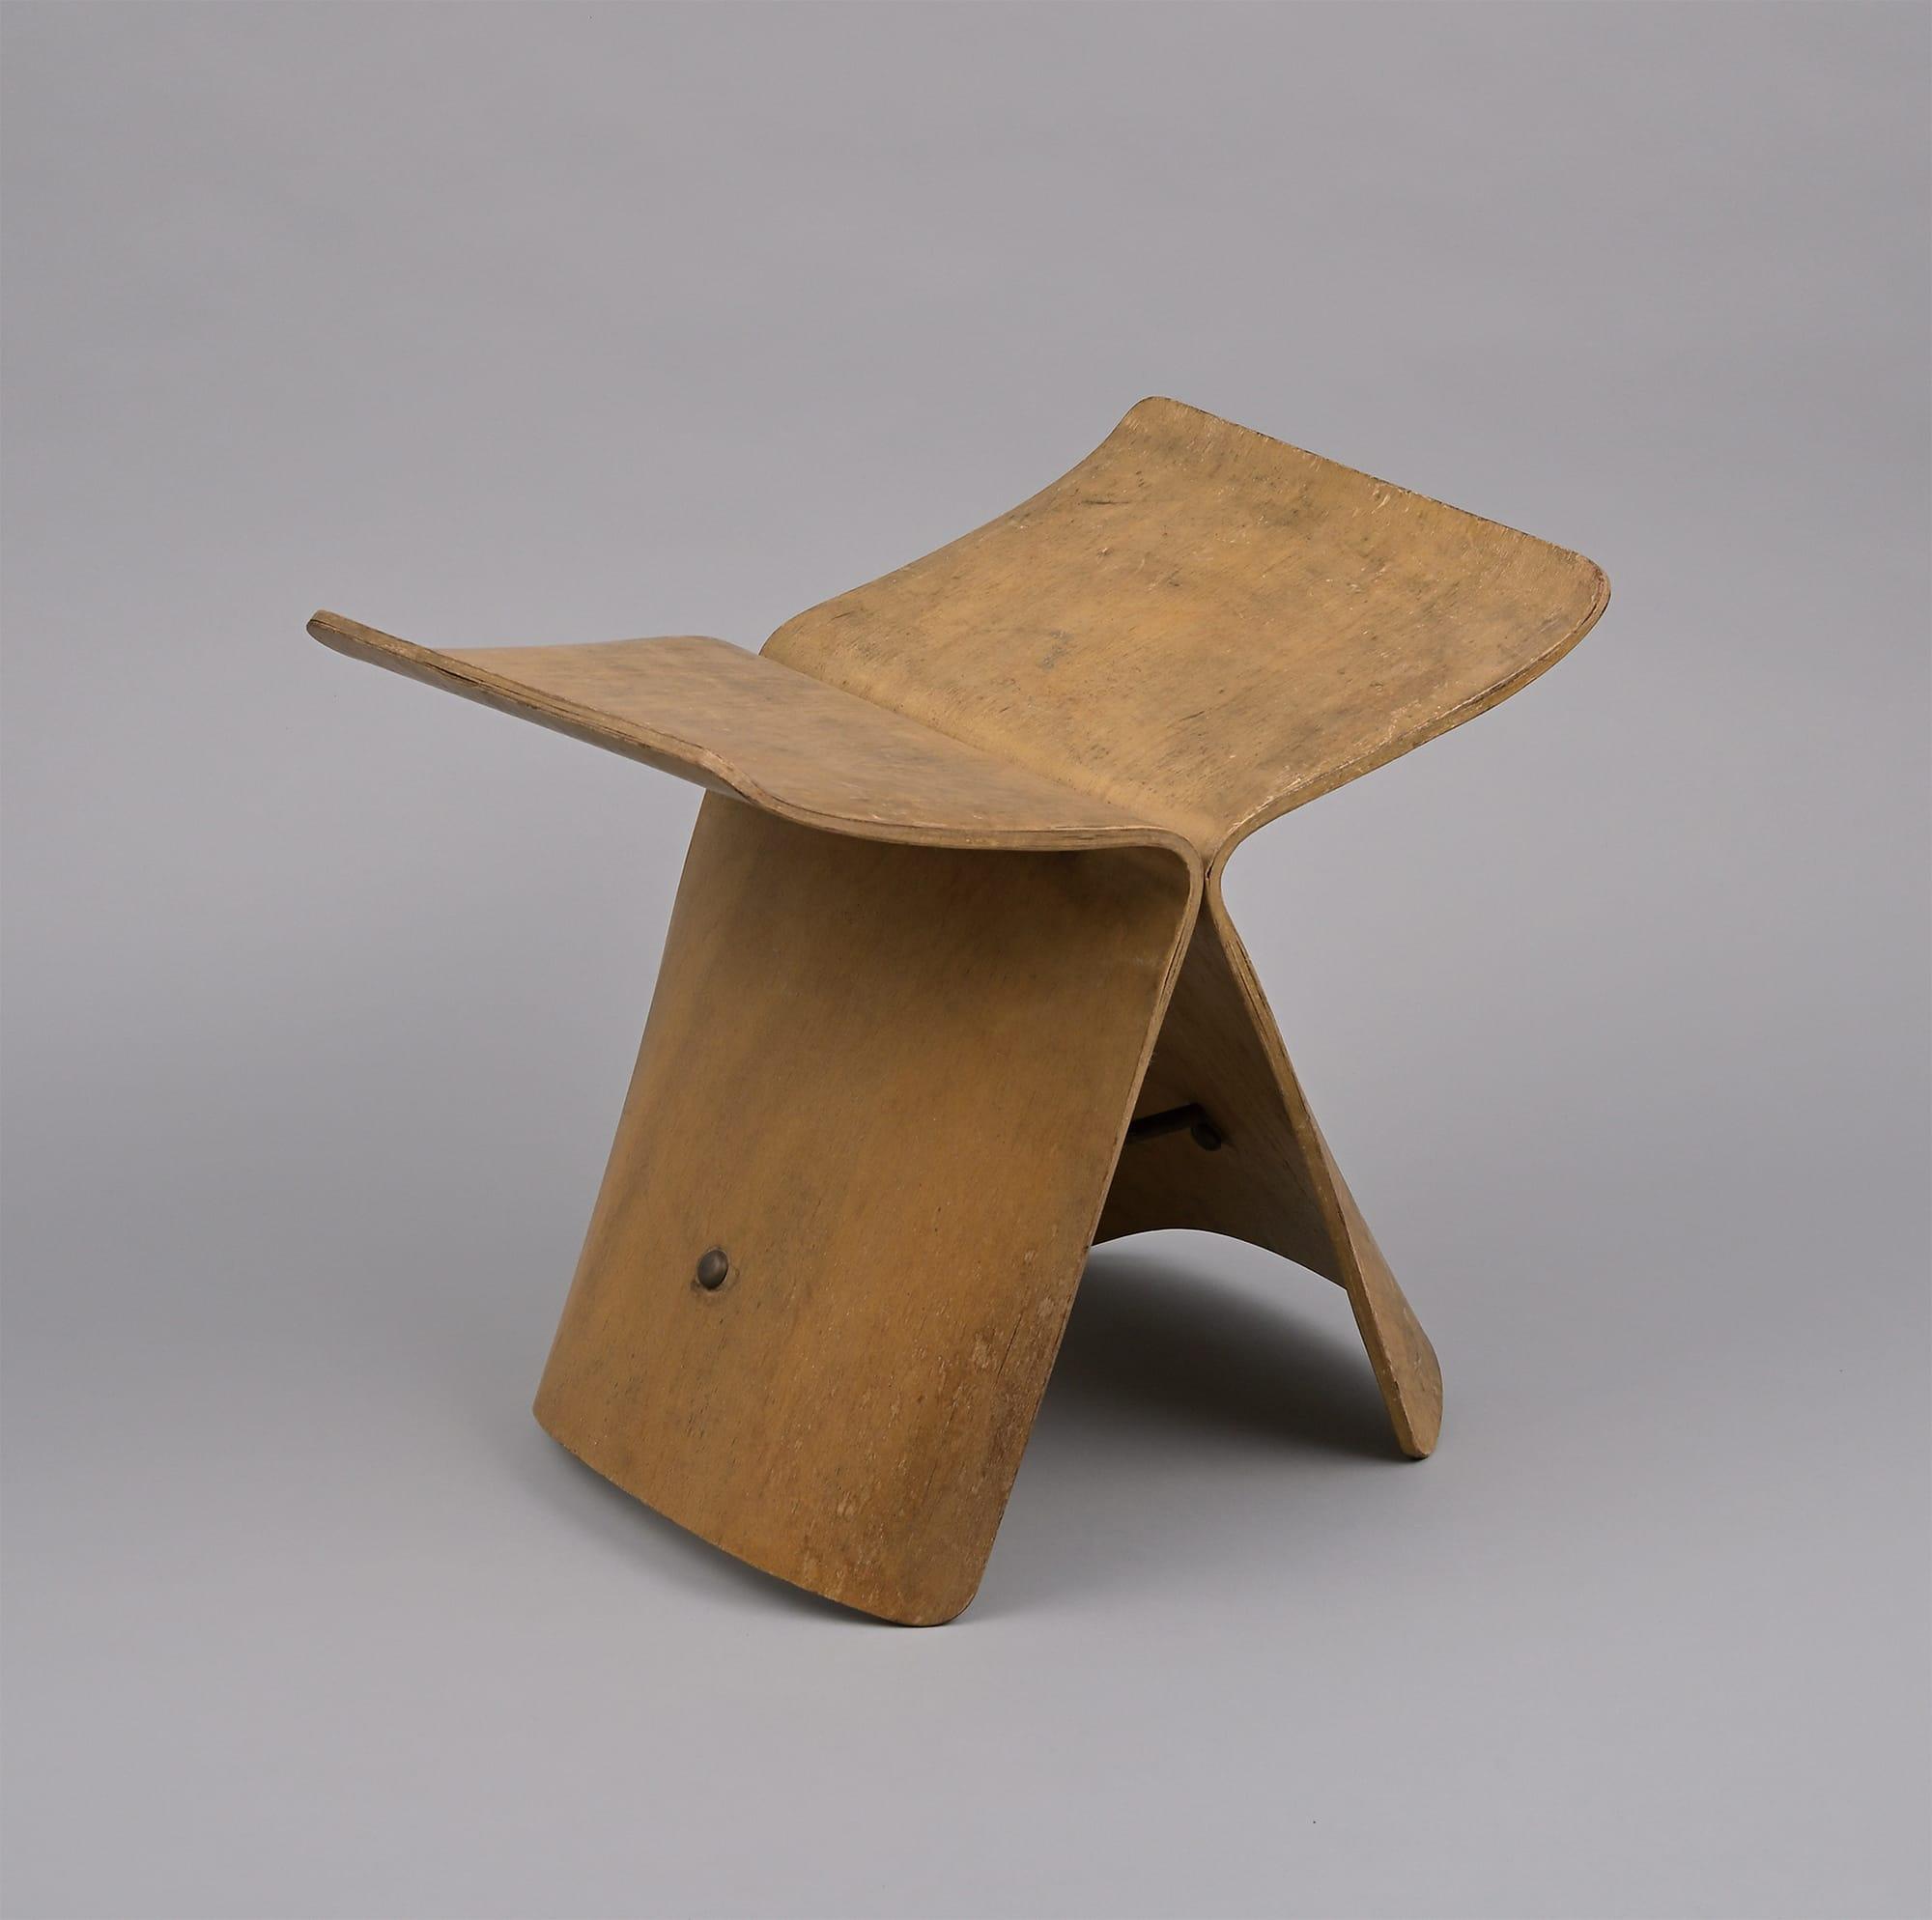 《バタフライスツール 初期型》 天童木工 1956年 柳工業デザイン研究会蔵